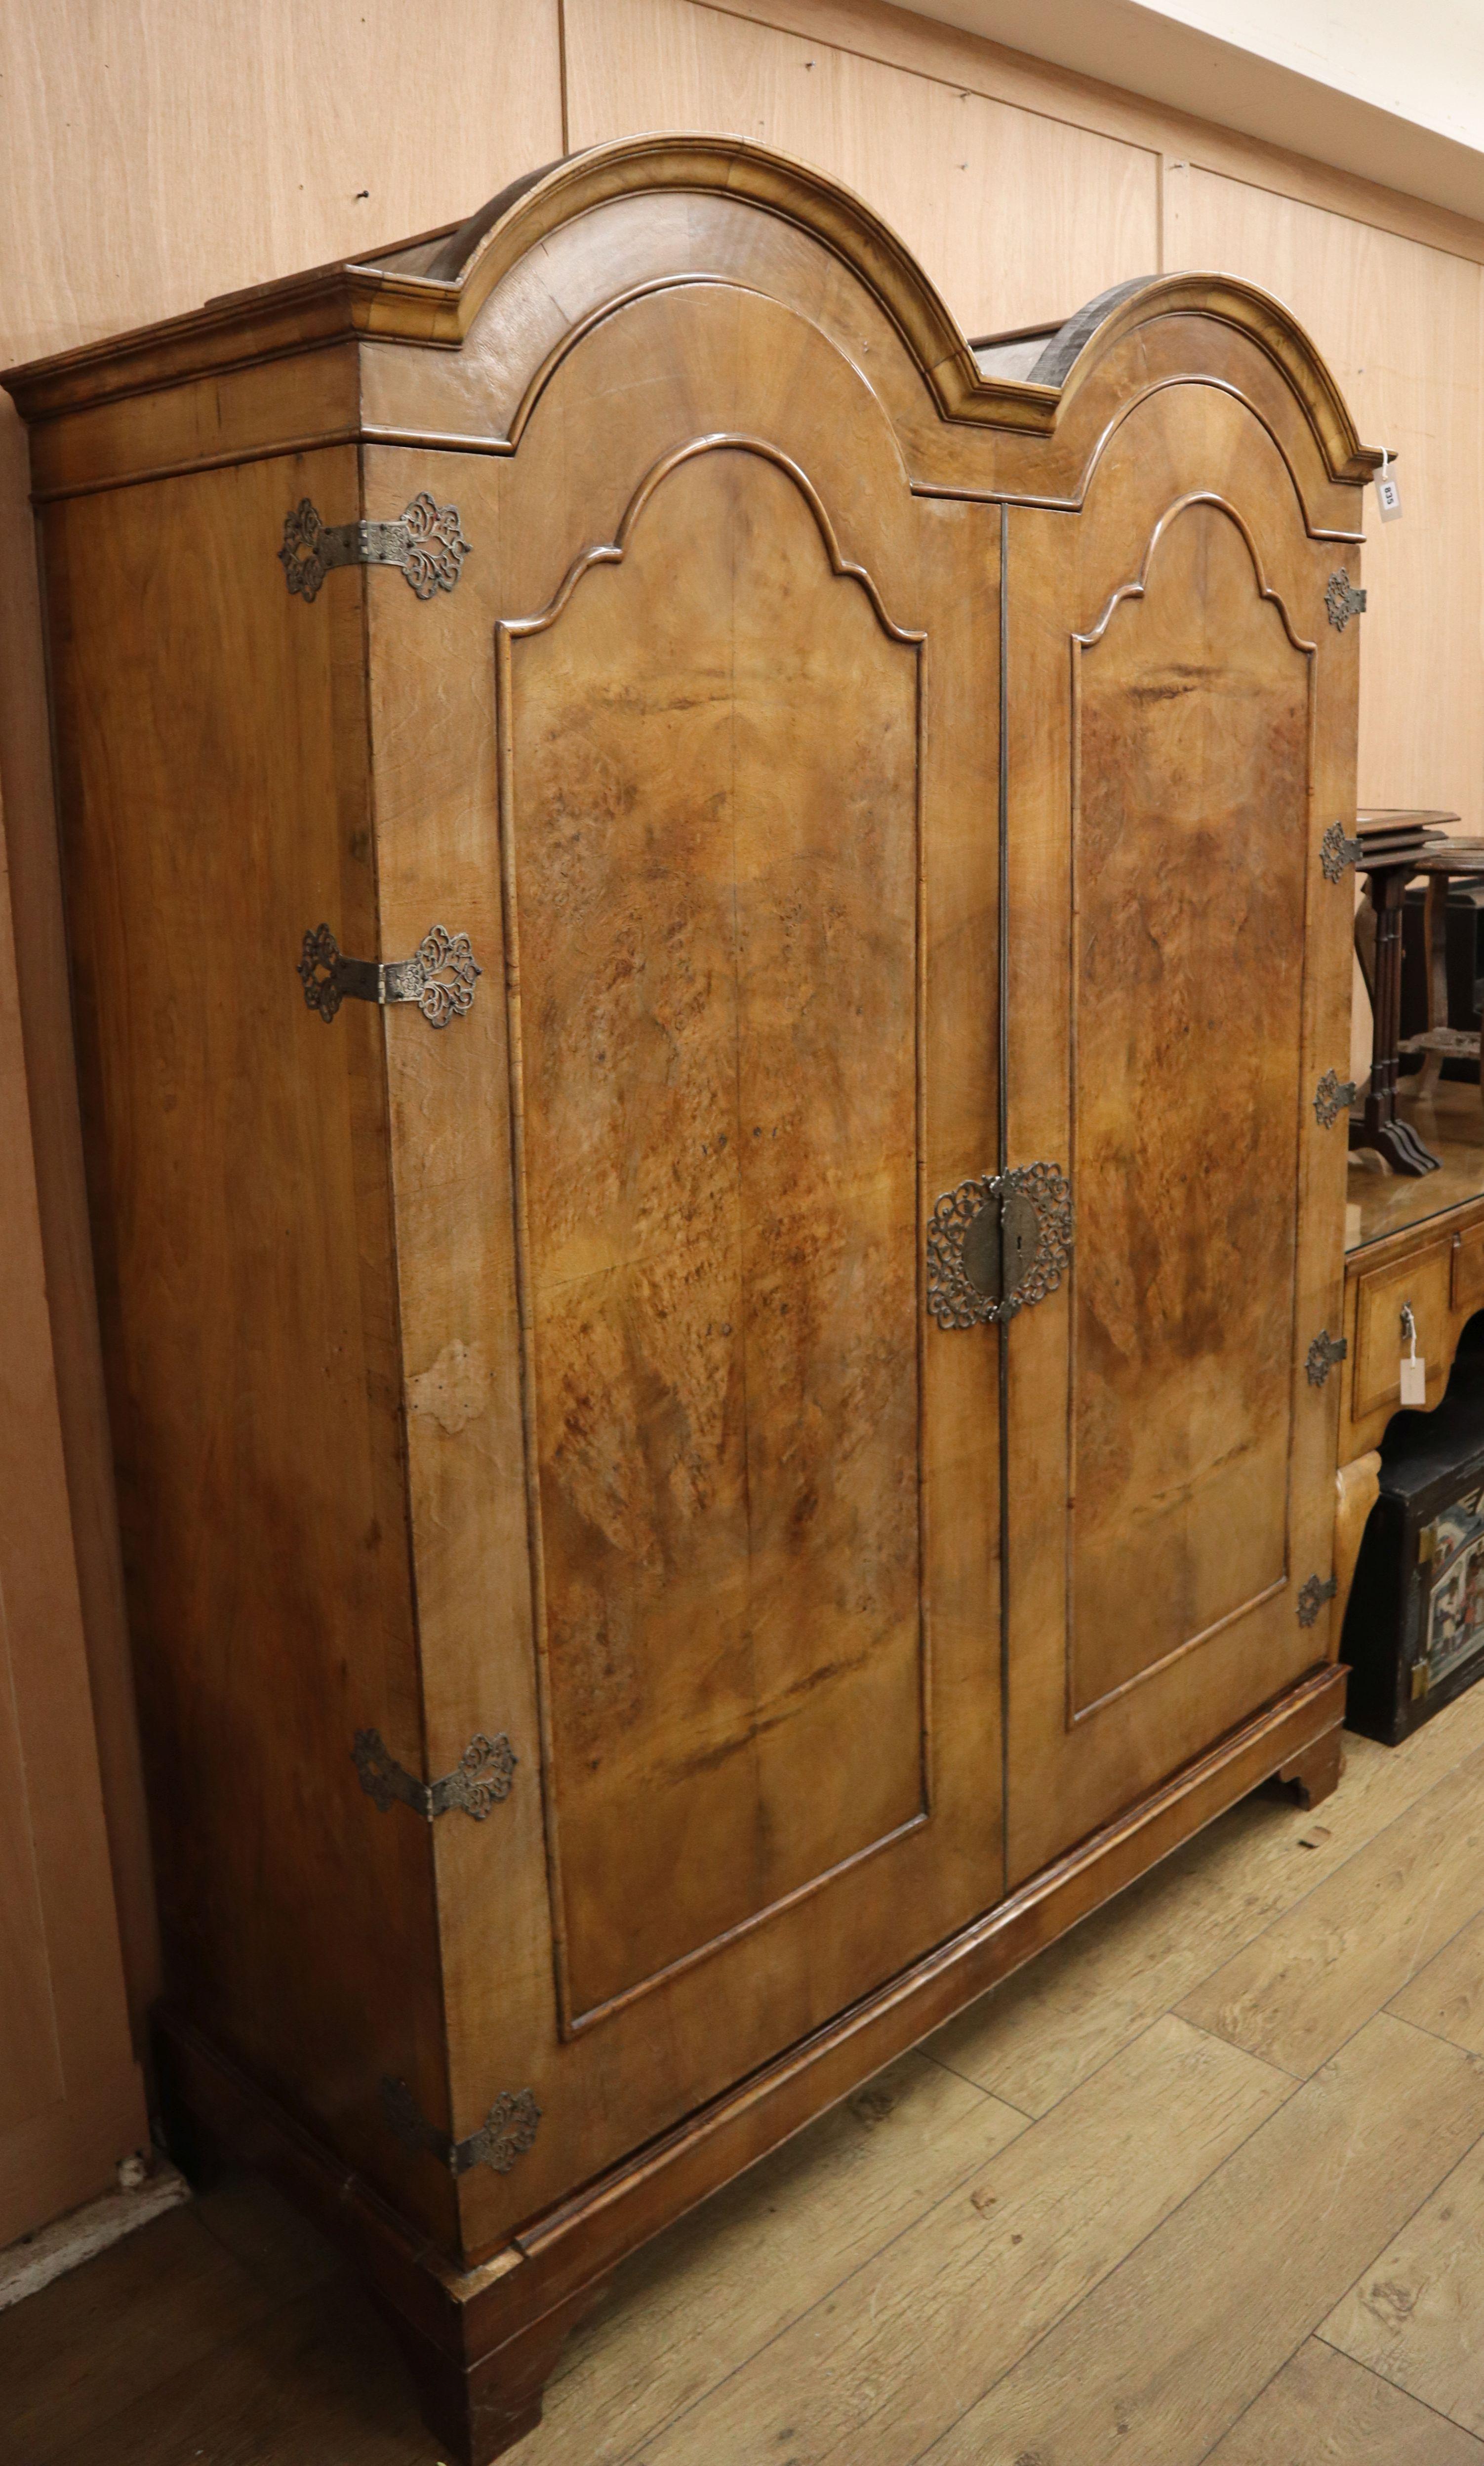 Lot 835 - A 1920's Queen Anne style figured walnut wardrobe Wardrobe W.158cm